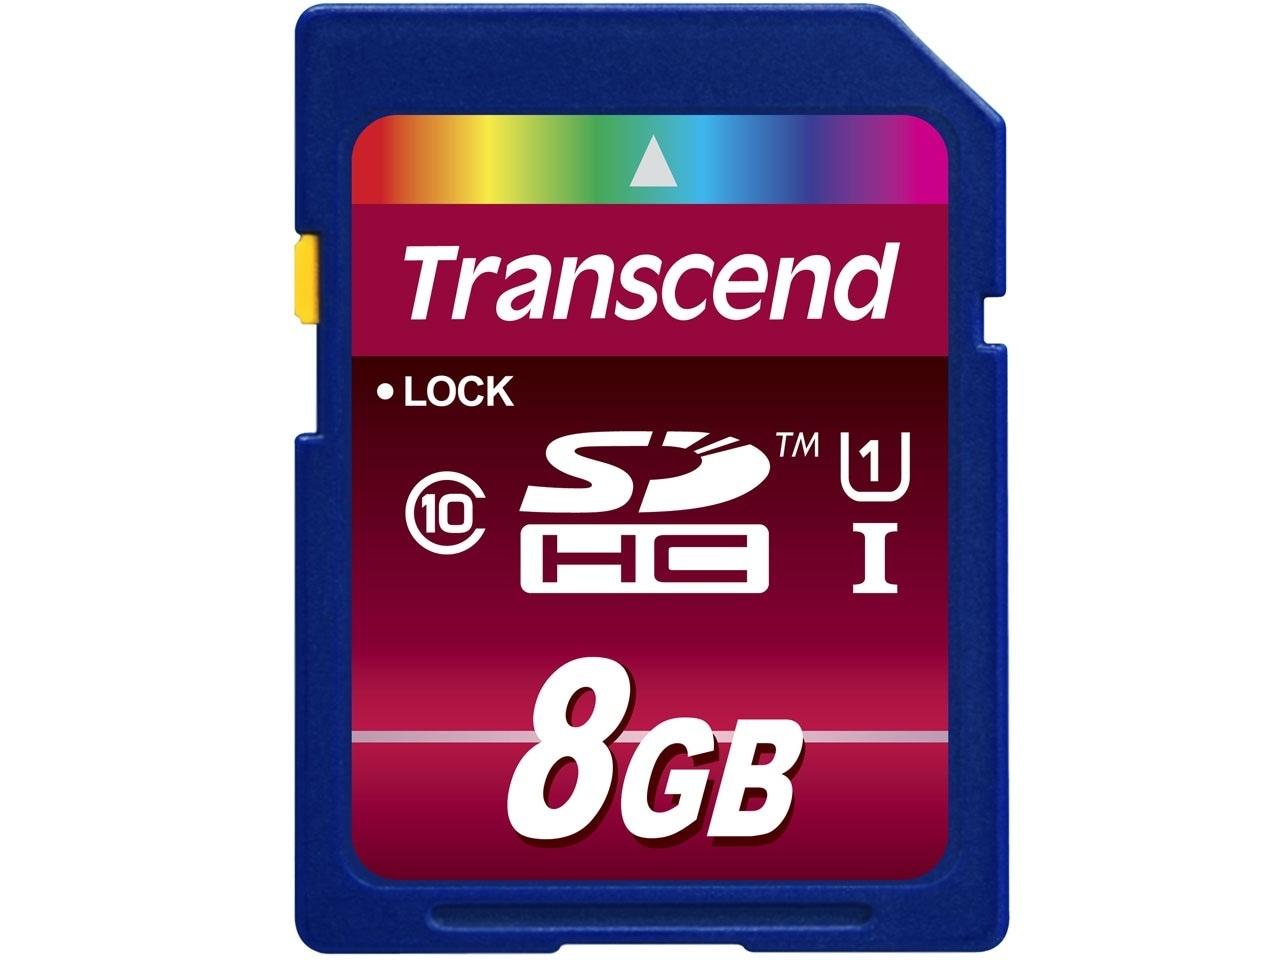 【正規国内販売代理店・ネコポス便送料無料】トランセンド[Transcend] 8GB SDHCカード Class 10 UHS-I 600x (Ultimate)TS8GSDHC10U1